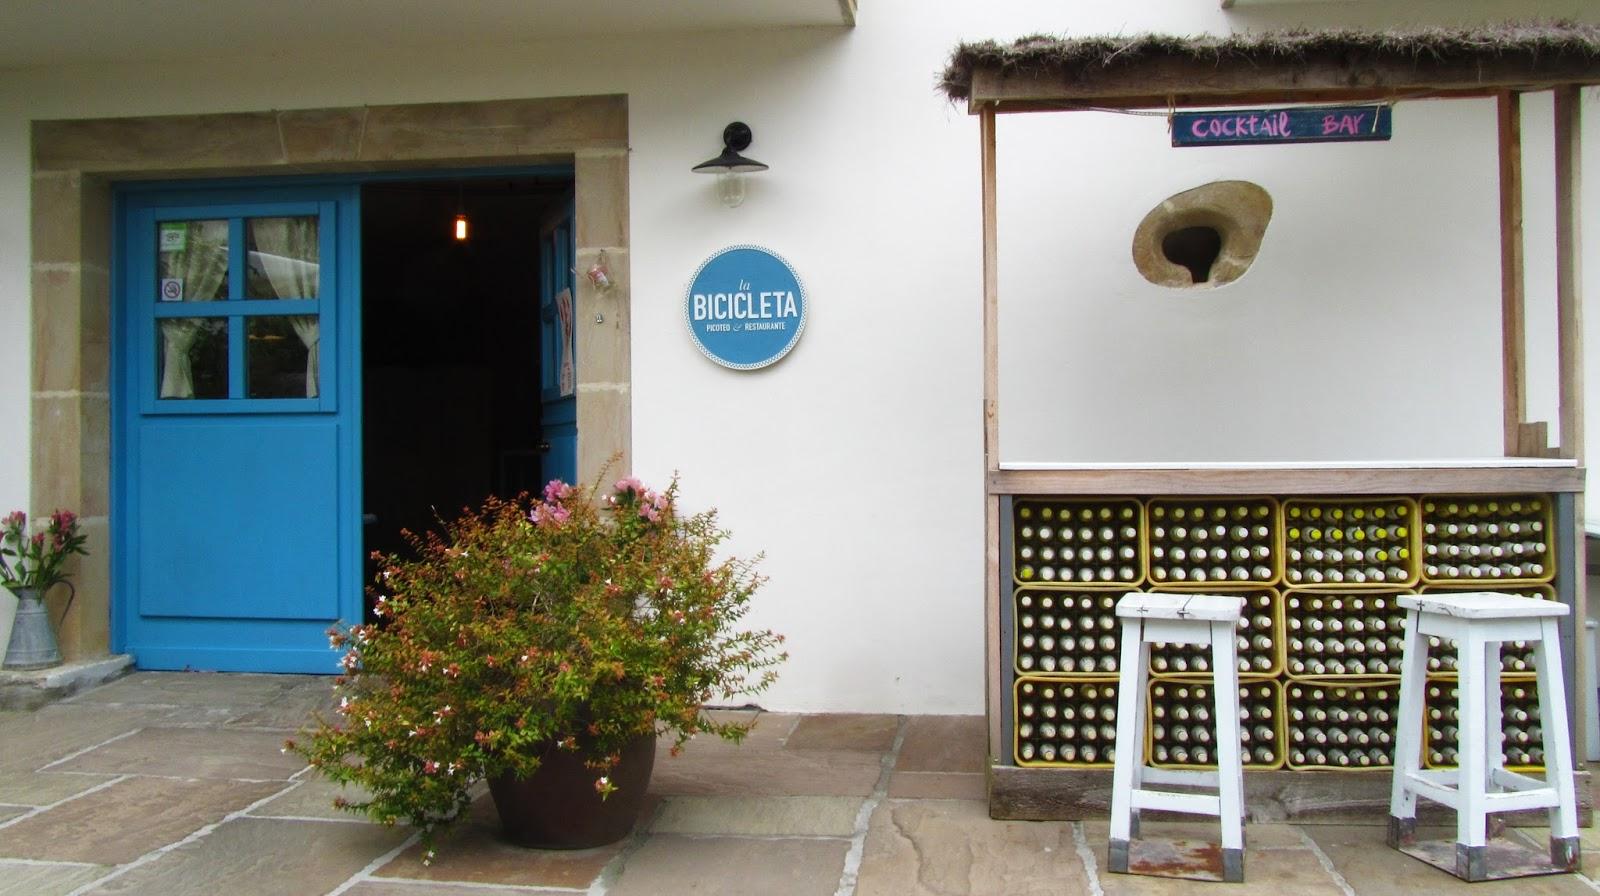 ameiseblog_Coktail Bar en el Jardín de La Bicicleta, Hoznayo